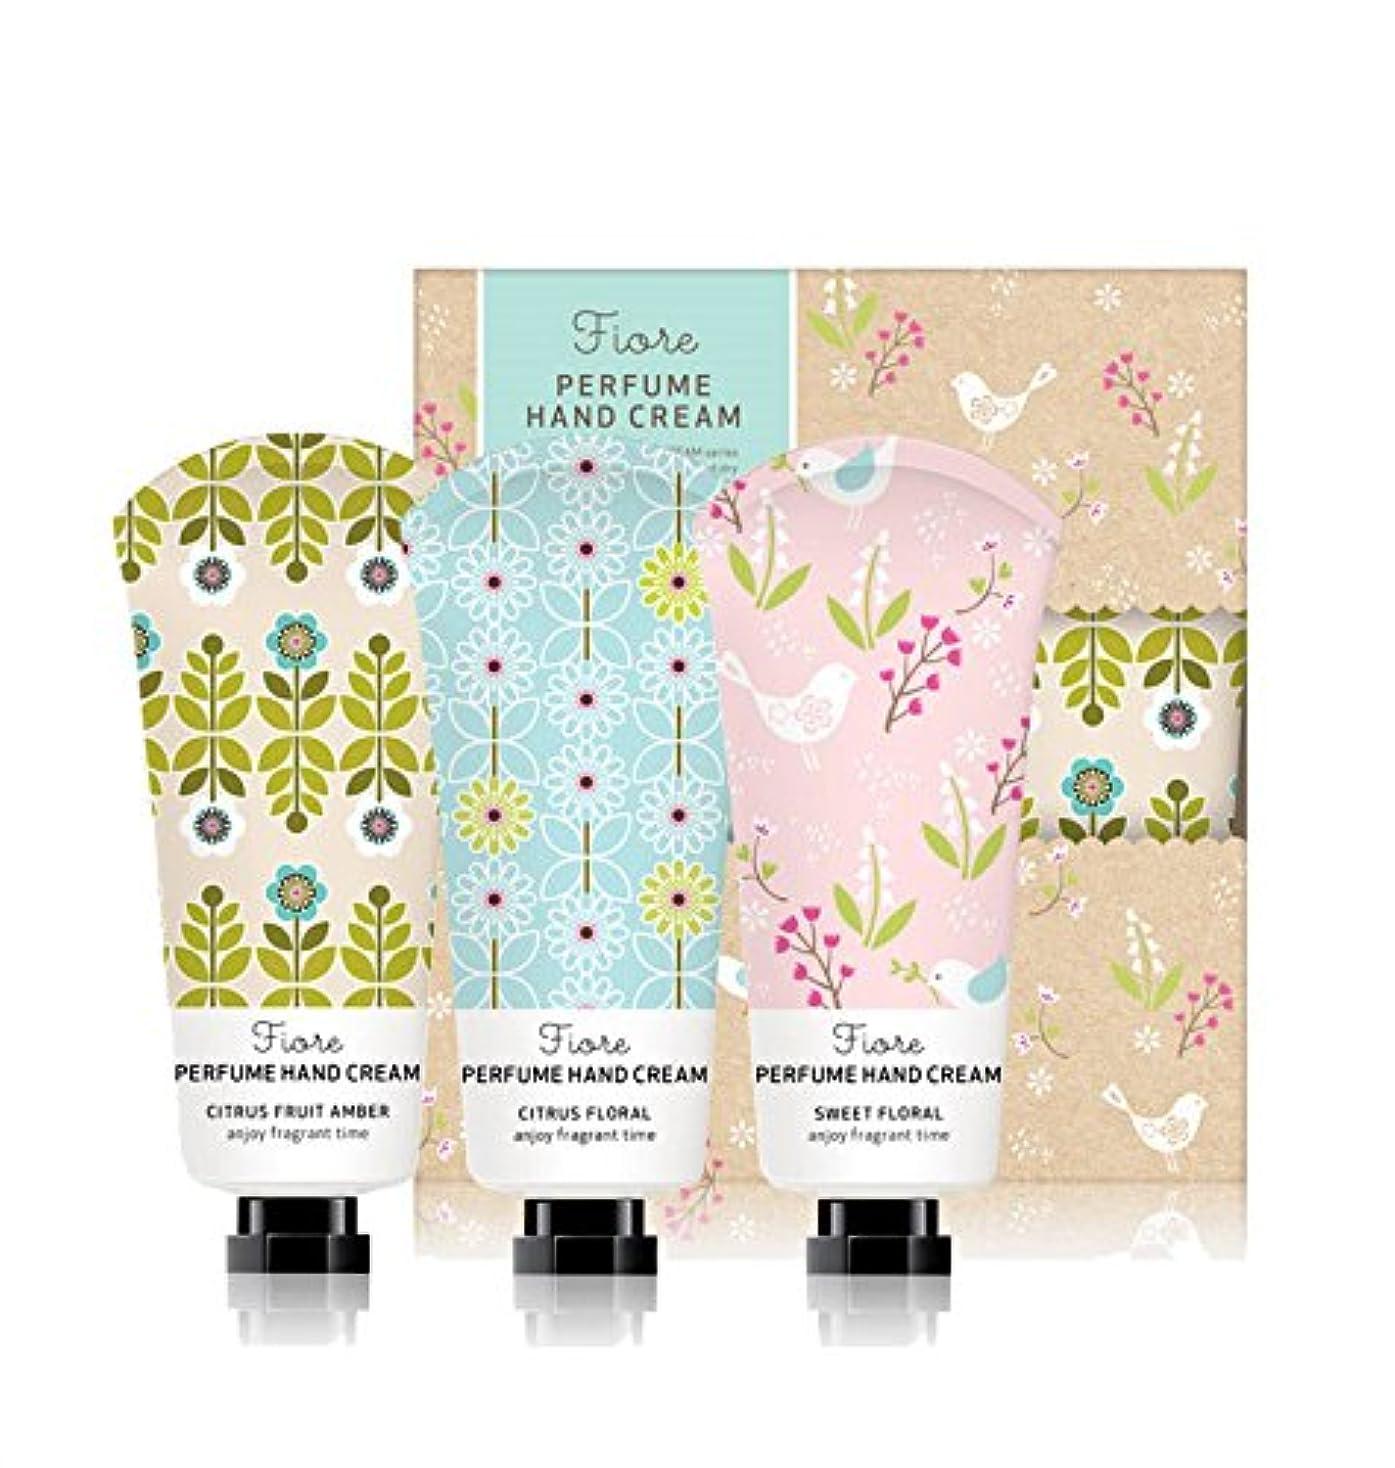 金属つば二層[Fiore★ギフト用紙袋贈呈] パフュームハンドクリーム?スペシャルセット 60g x 3個セット / Perfume Hand Cream Specail Set